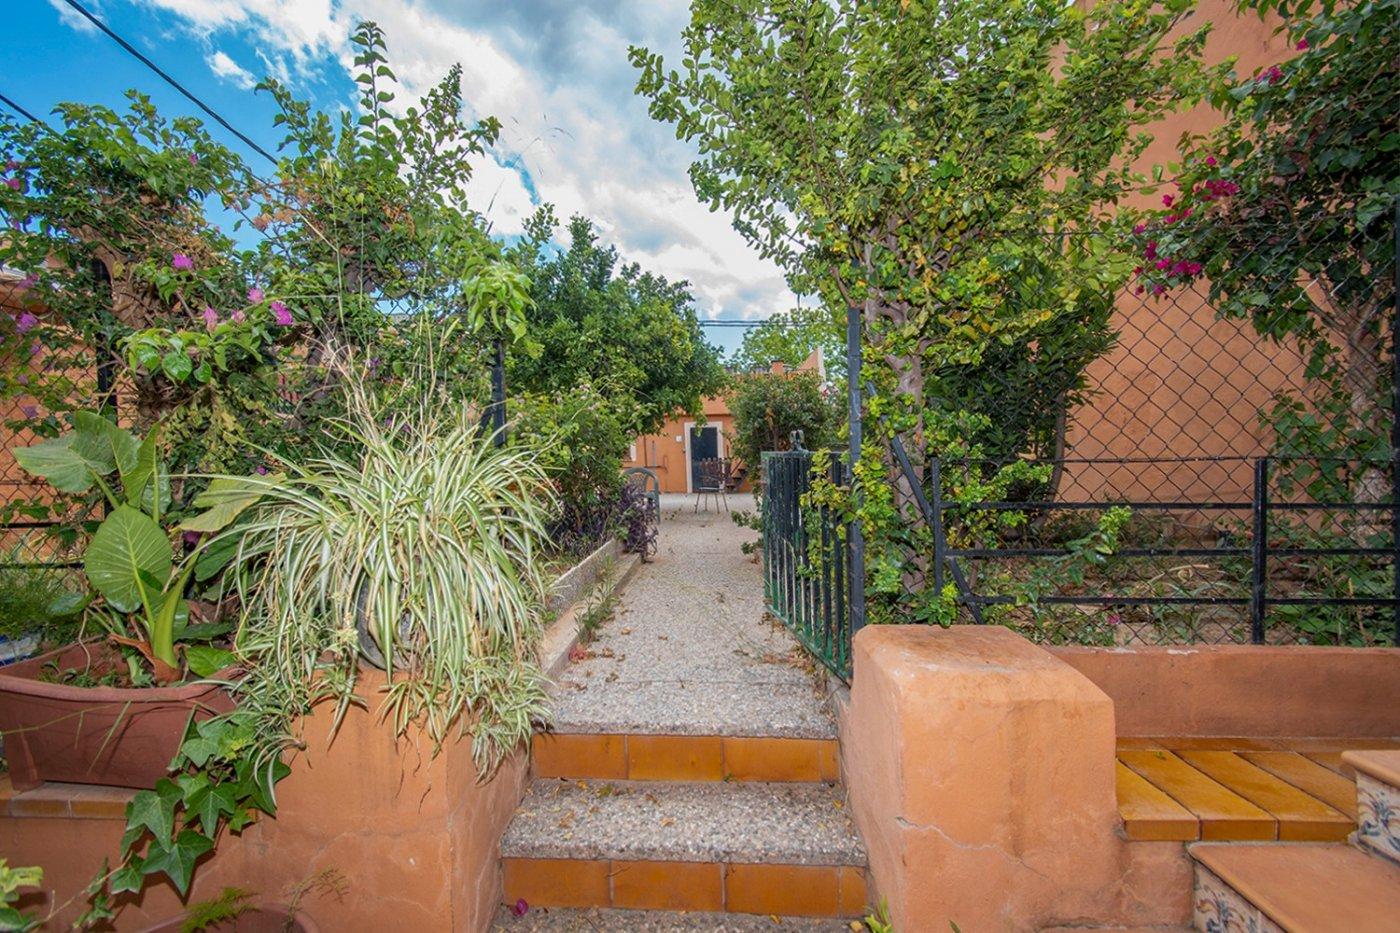 Casa unifamilair con garaje, jardÍn y terraza en la vileta. - imagenInmueble27